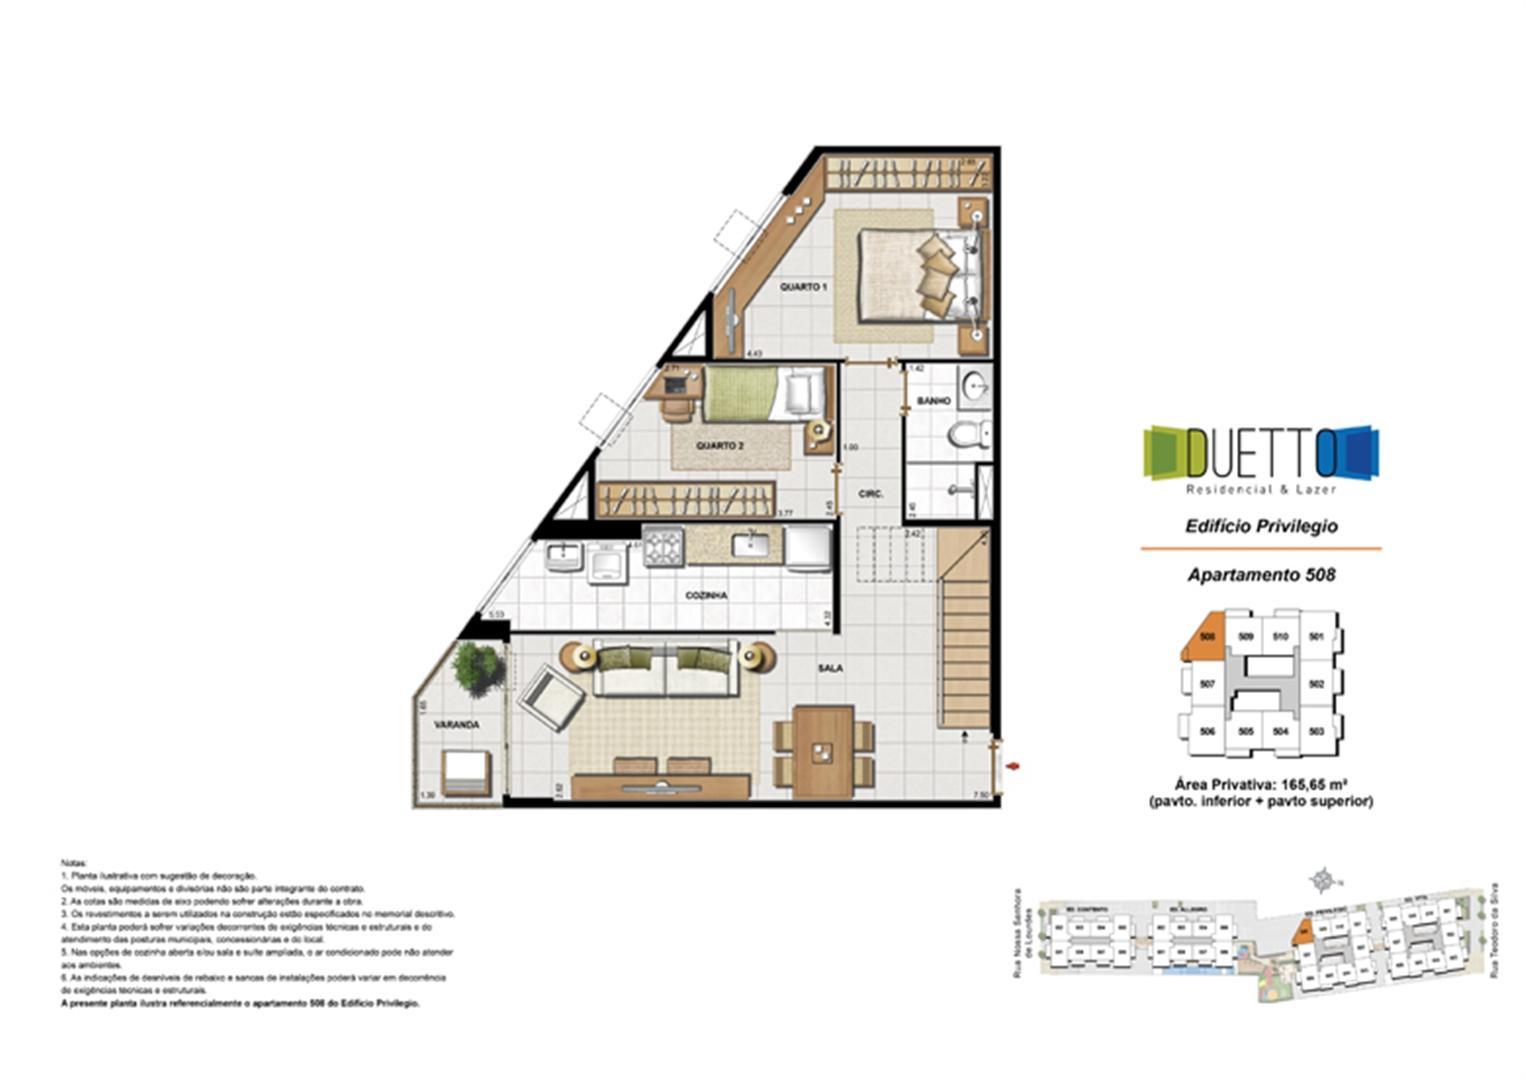 Cobertura Duplex - 3 Quartos com suíte - 165,65m² - pavto inferior+ pavto superior | Duetto Residencial & Lazer – Apartamento no  Grajaú - Rio de Janeiro - Rio de Janeiro